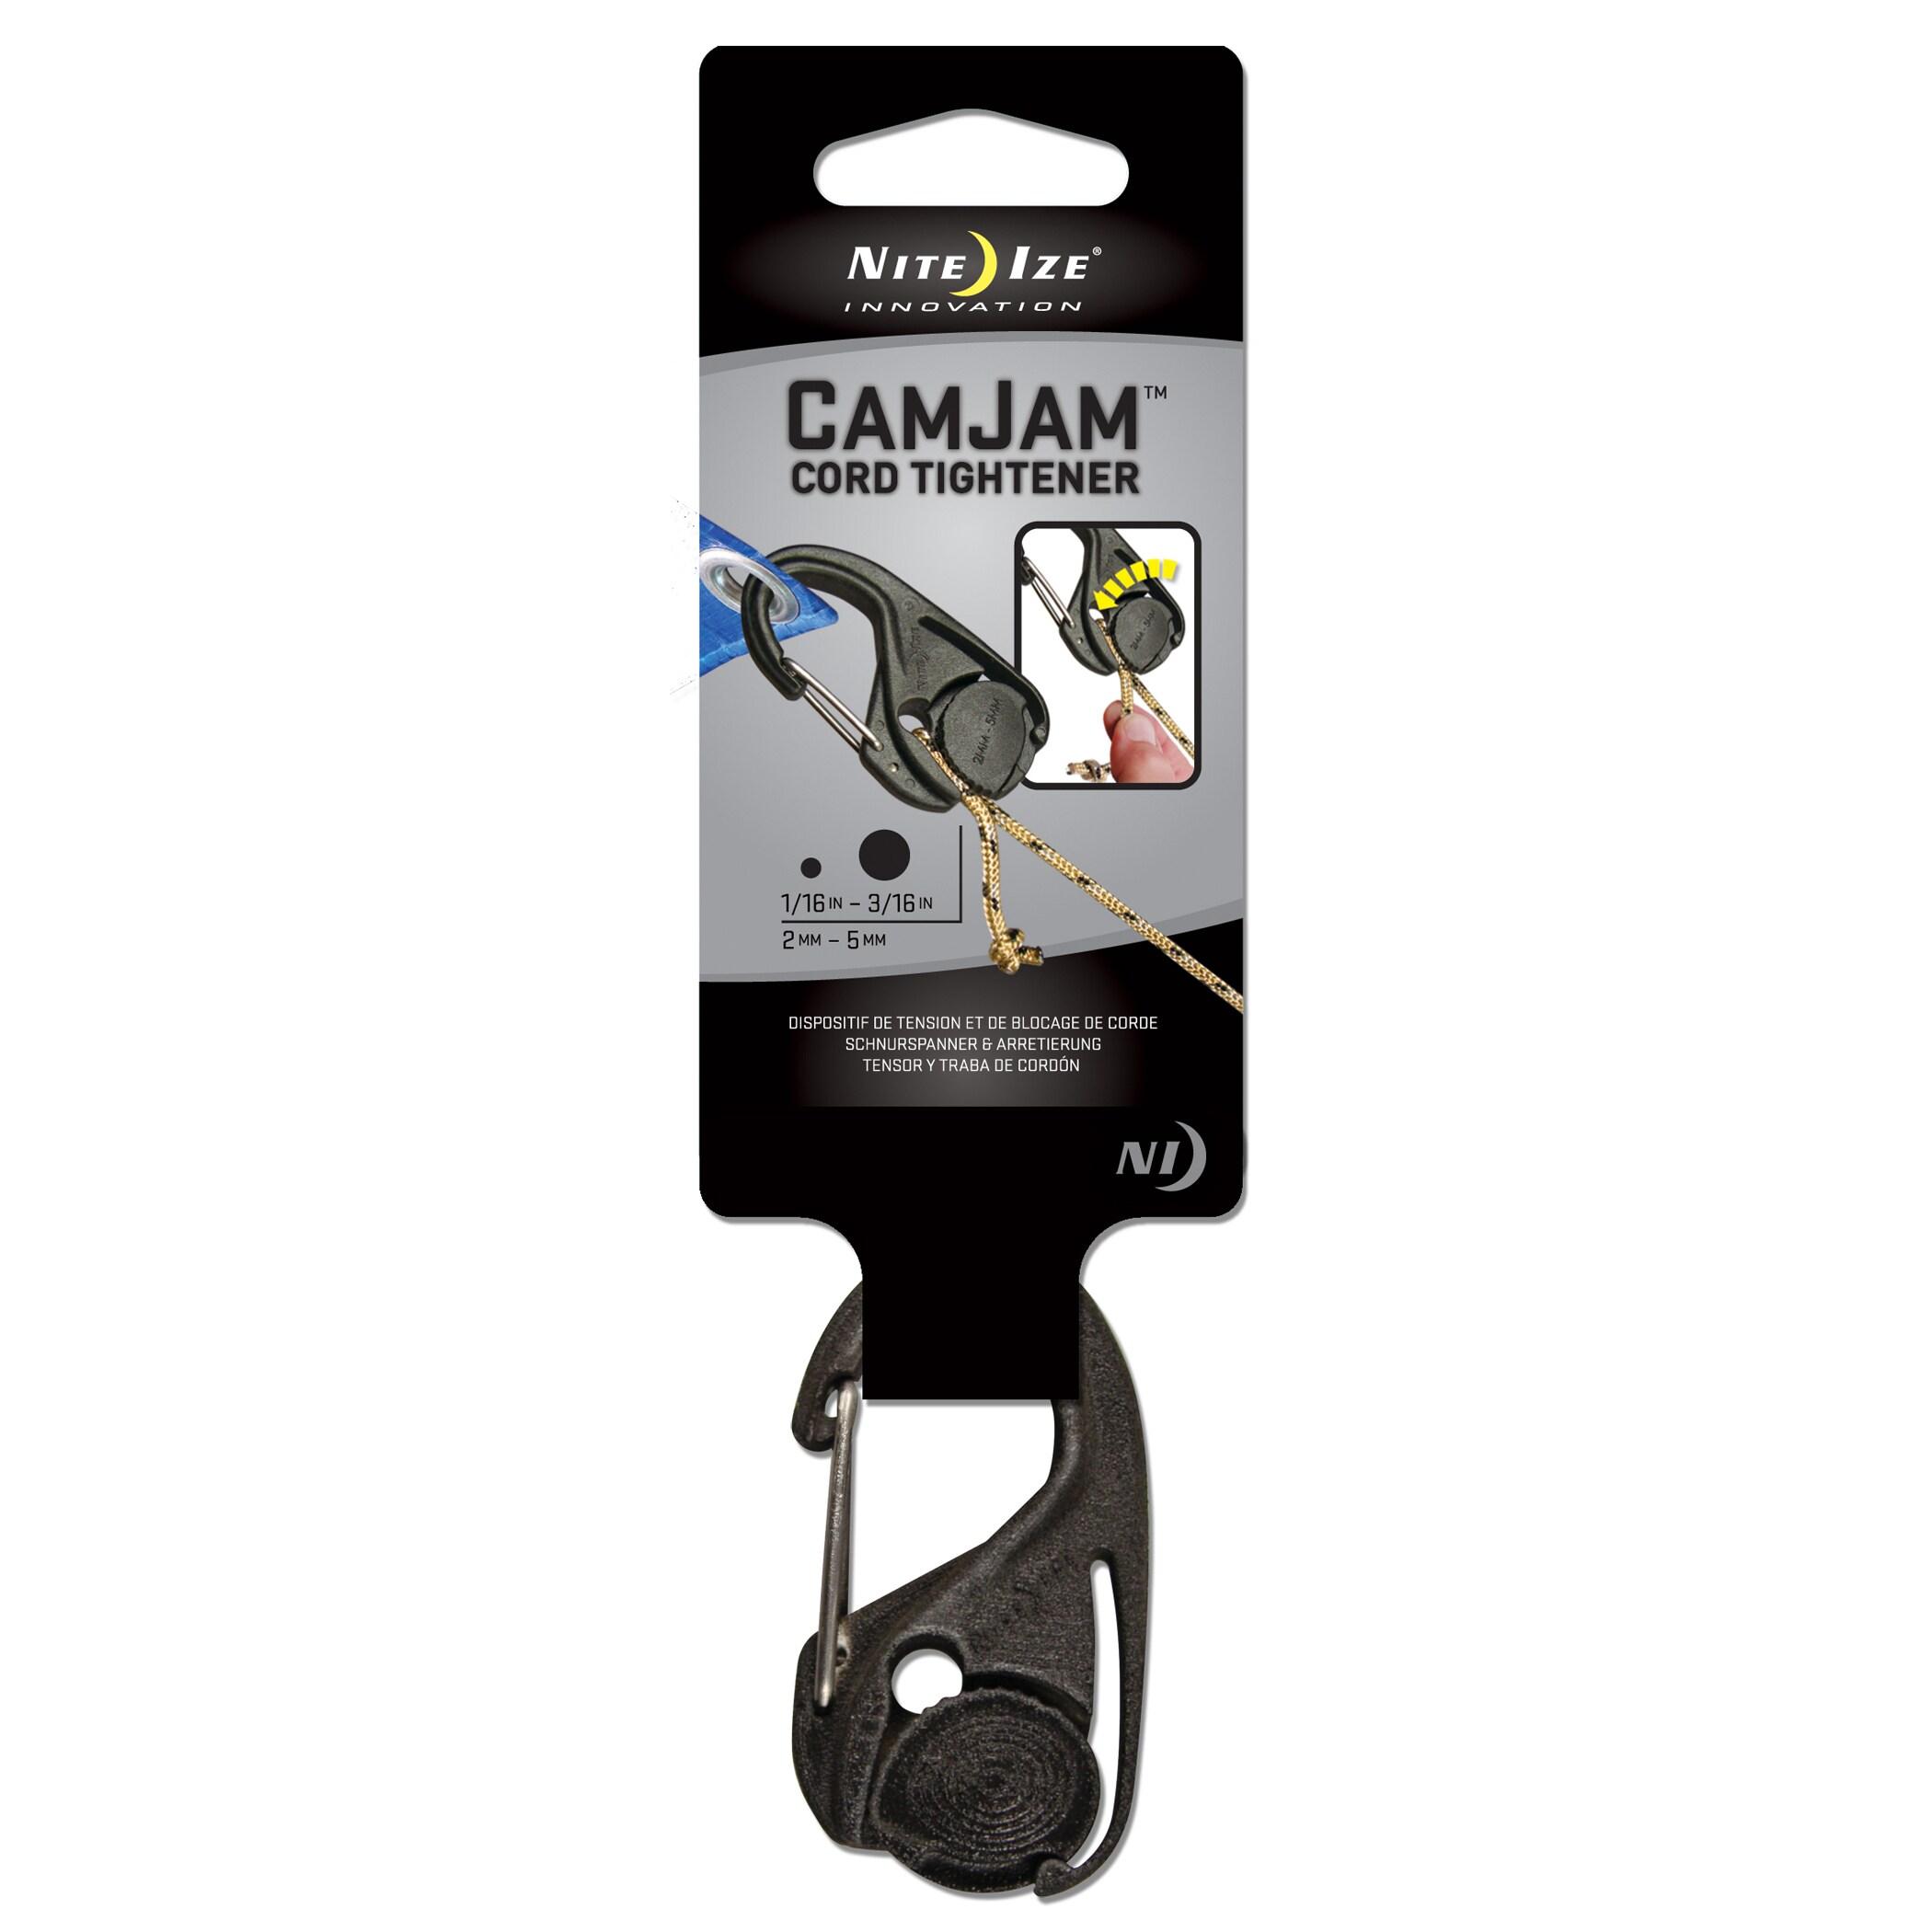 Nite Ize NCJ-02-01 CamJam Cord Tightener (Clamp&tie)